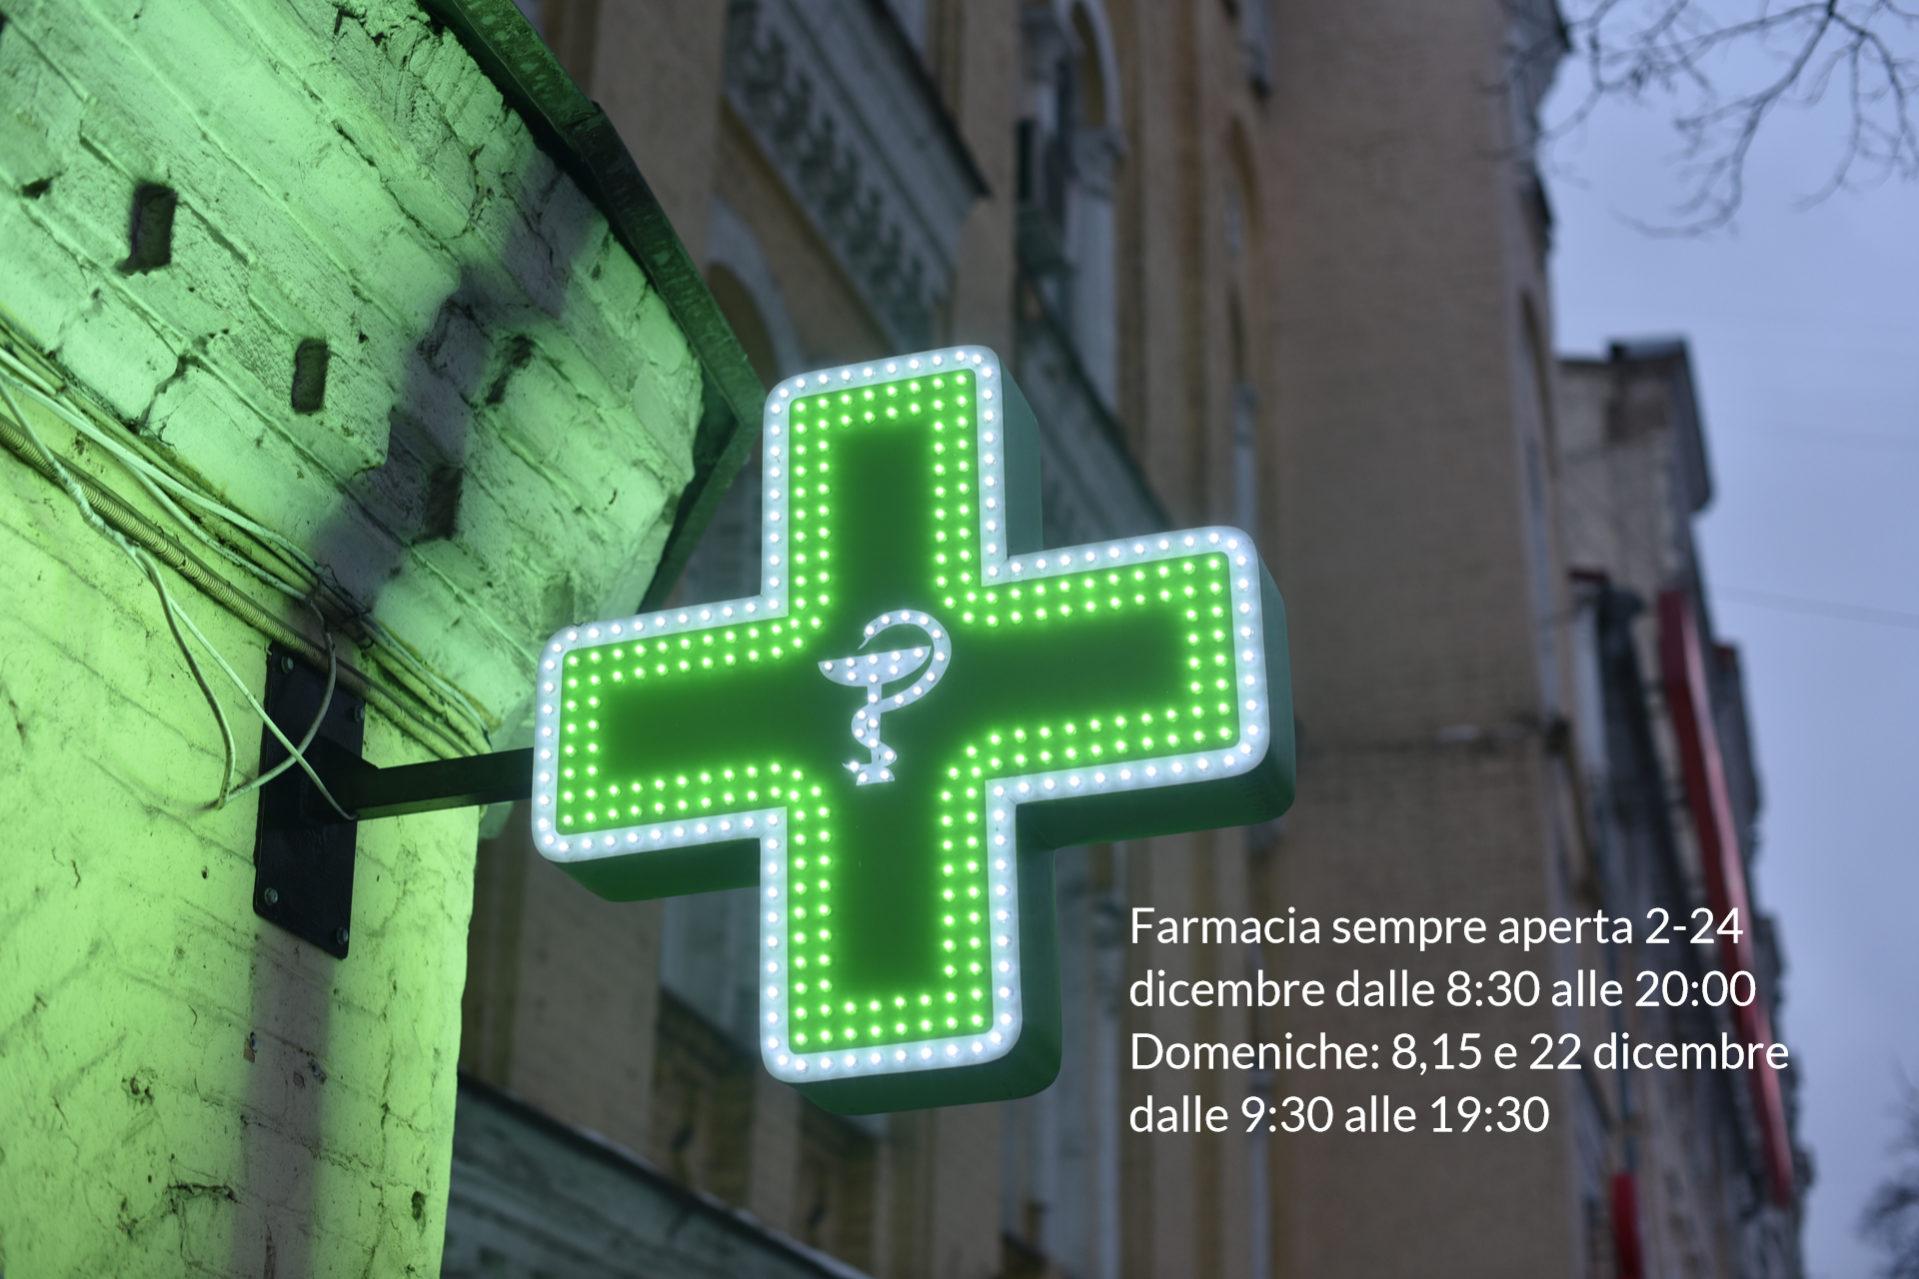 Farmacia sempre aperta